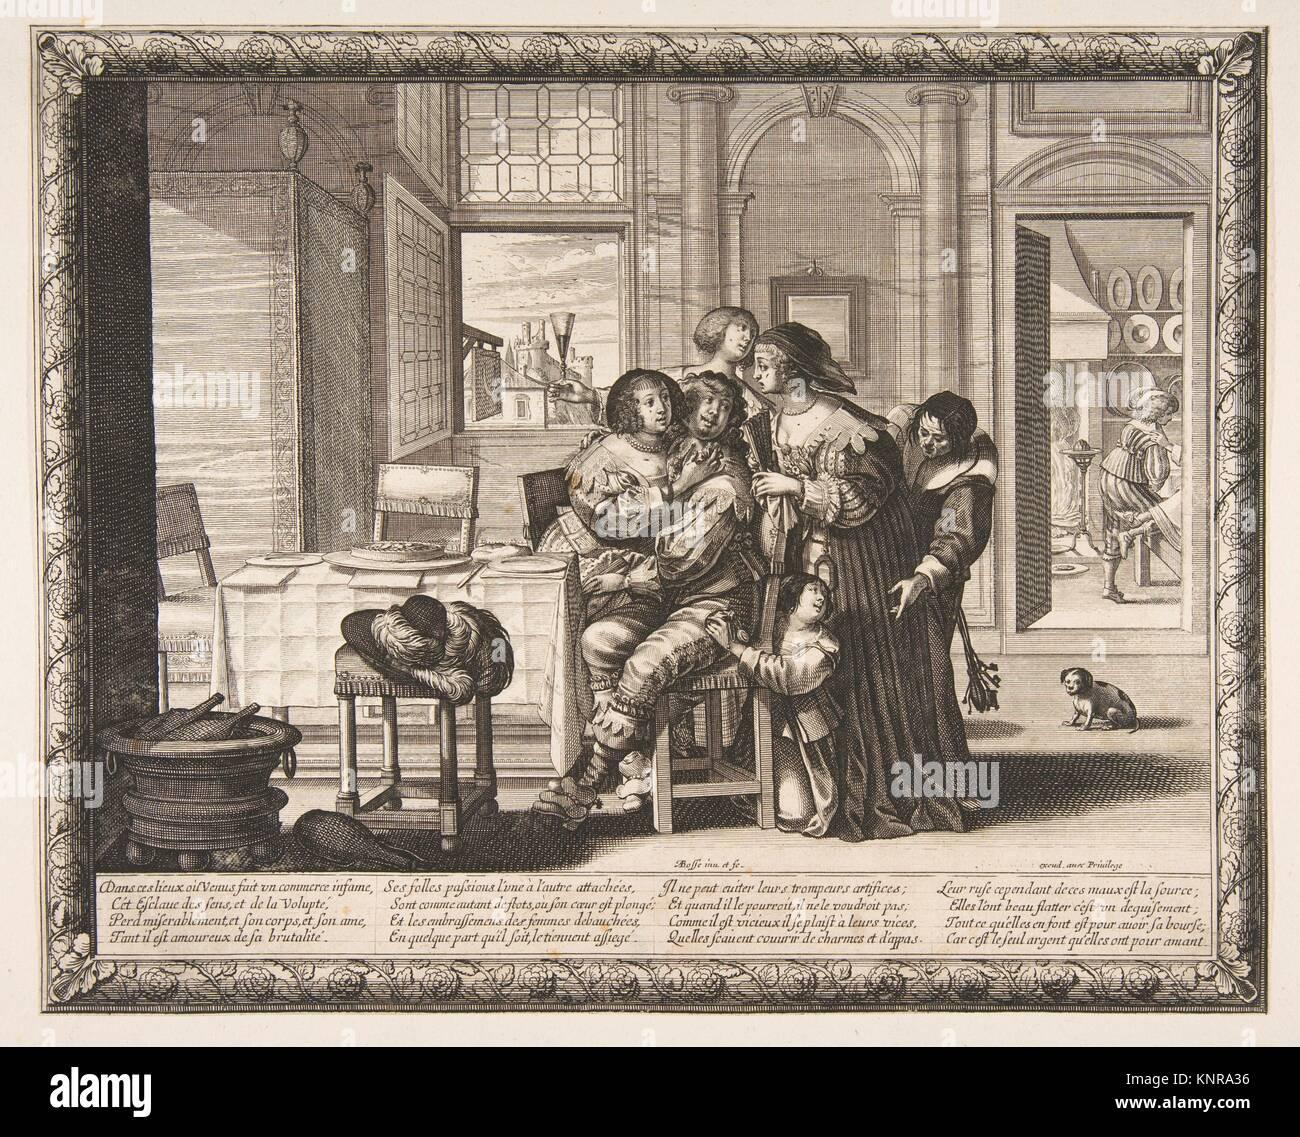 The Prodigal Son in a House of Ill Repute (L'Enfant prodigue dans une maison de débauche, version couvert). - Stock Image